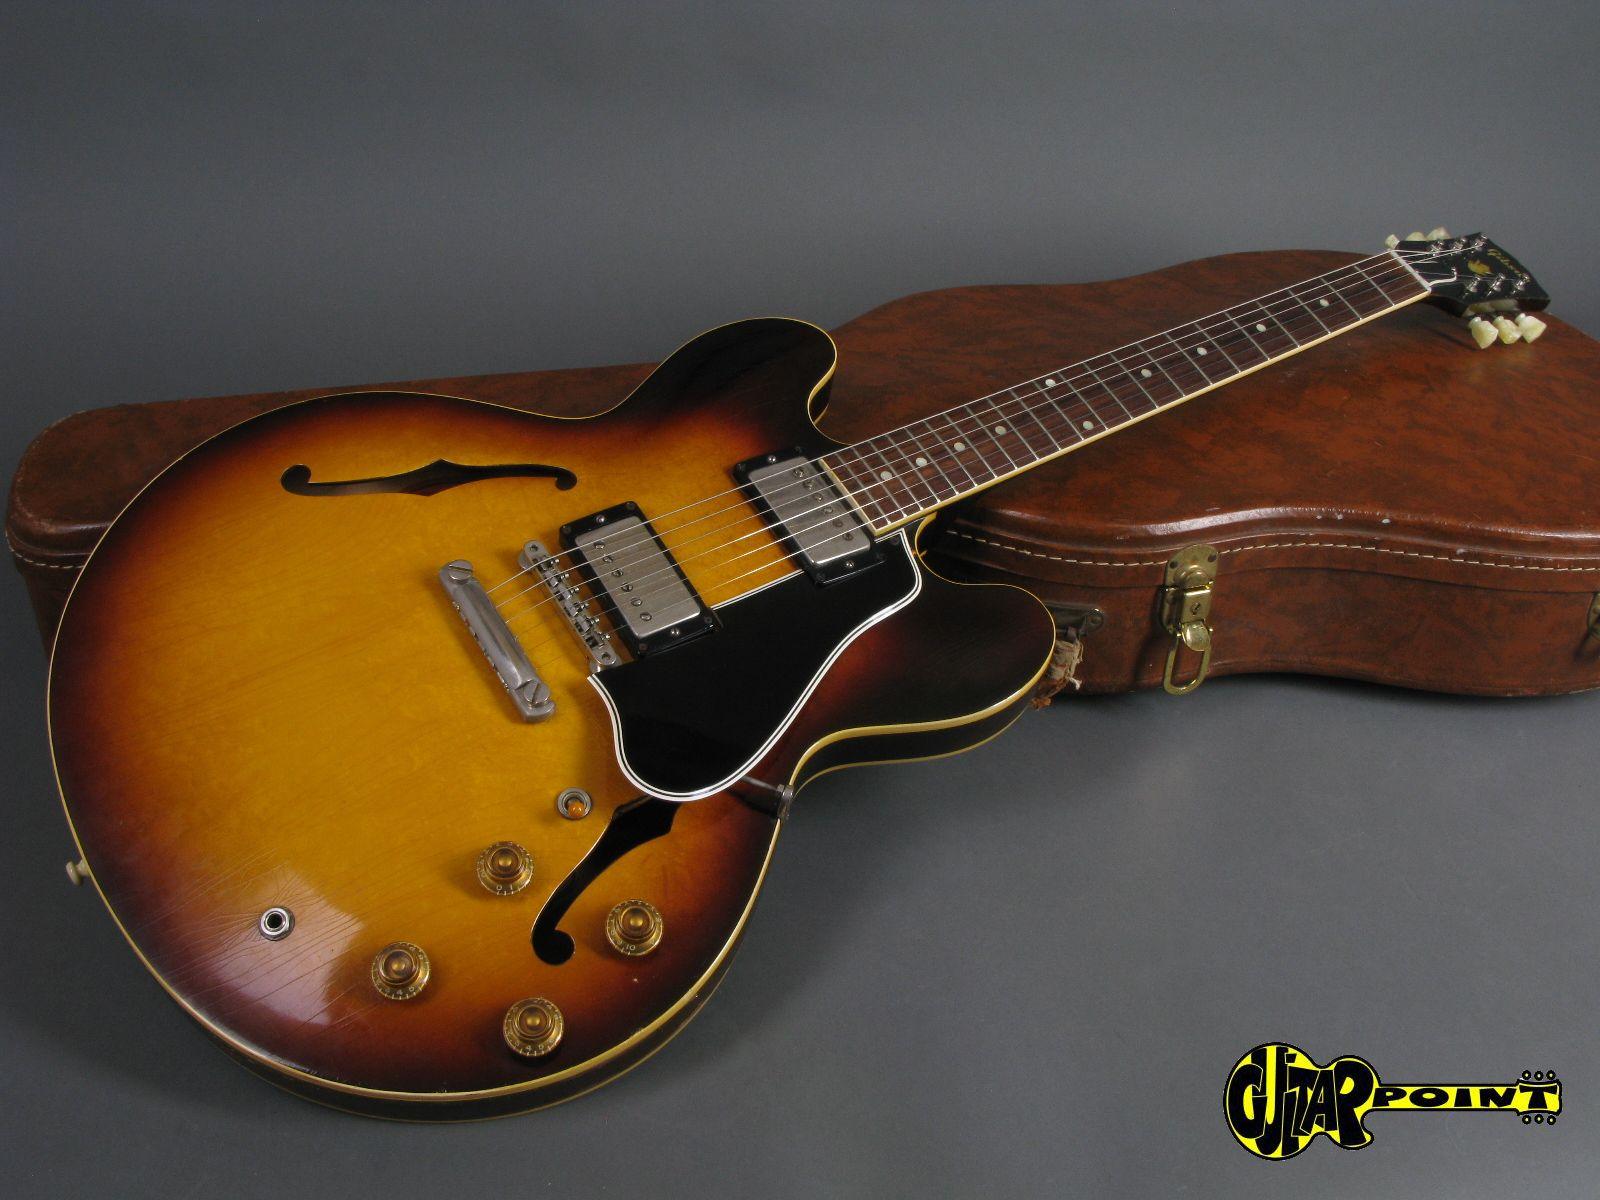 gibson es 335 t 1958 sunburst guitar for sale guitarpoint. Black Bedroom Furniture Sets. Home Design Ideas